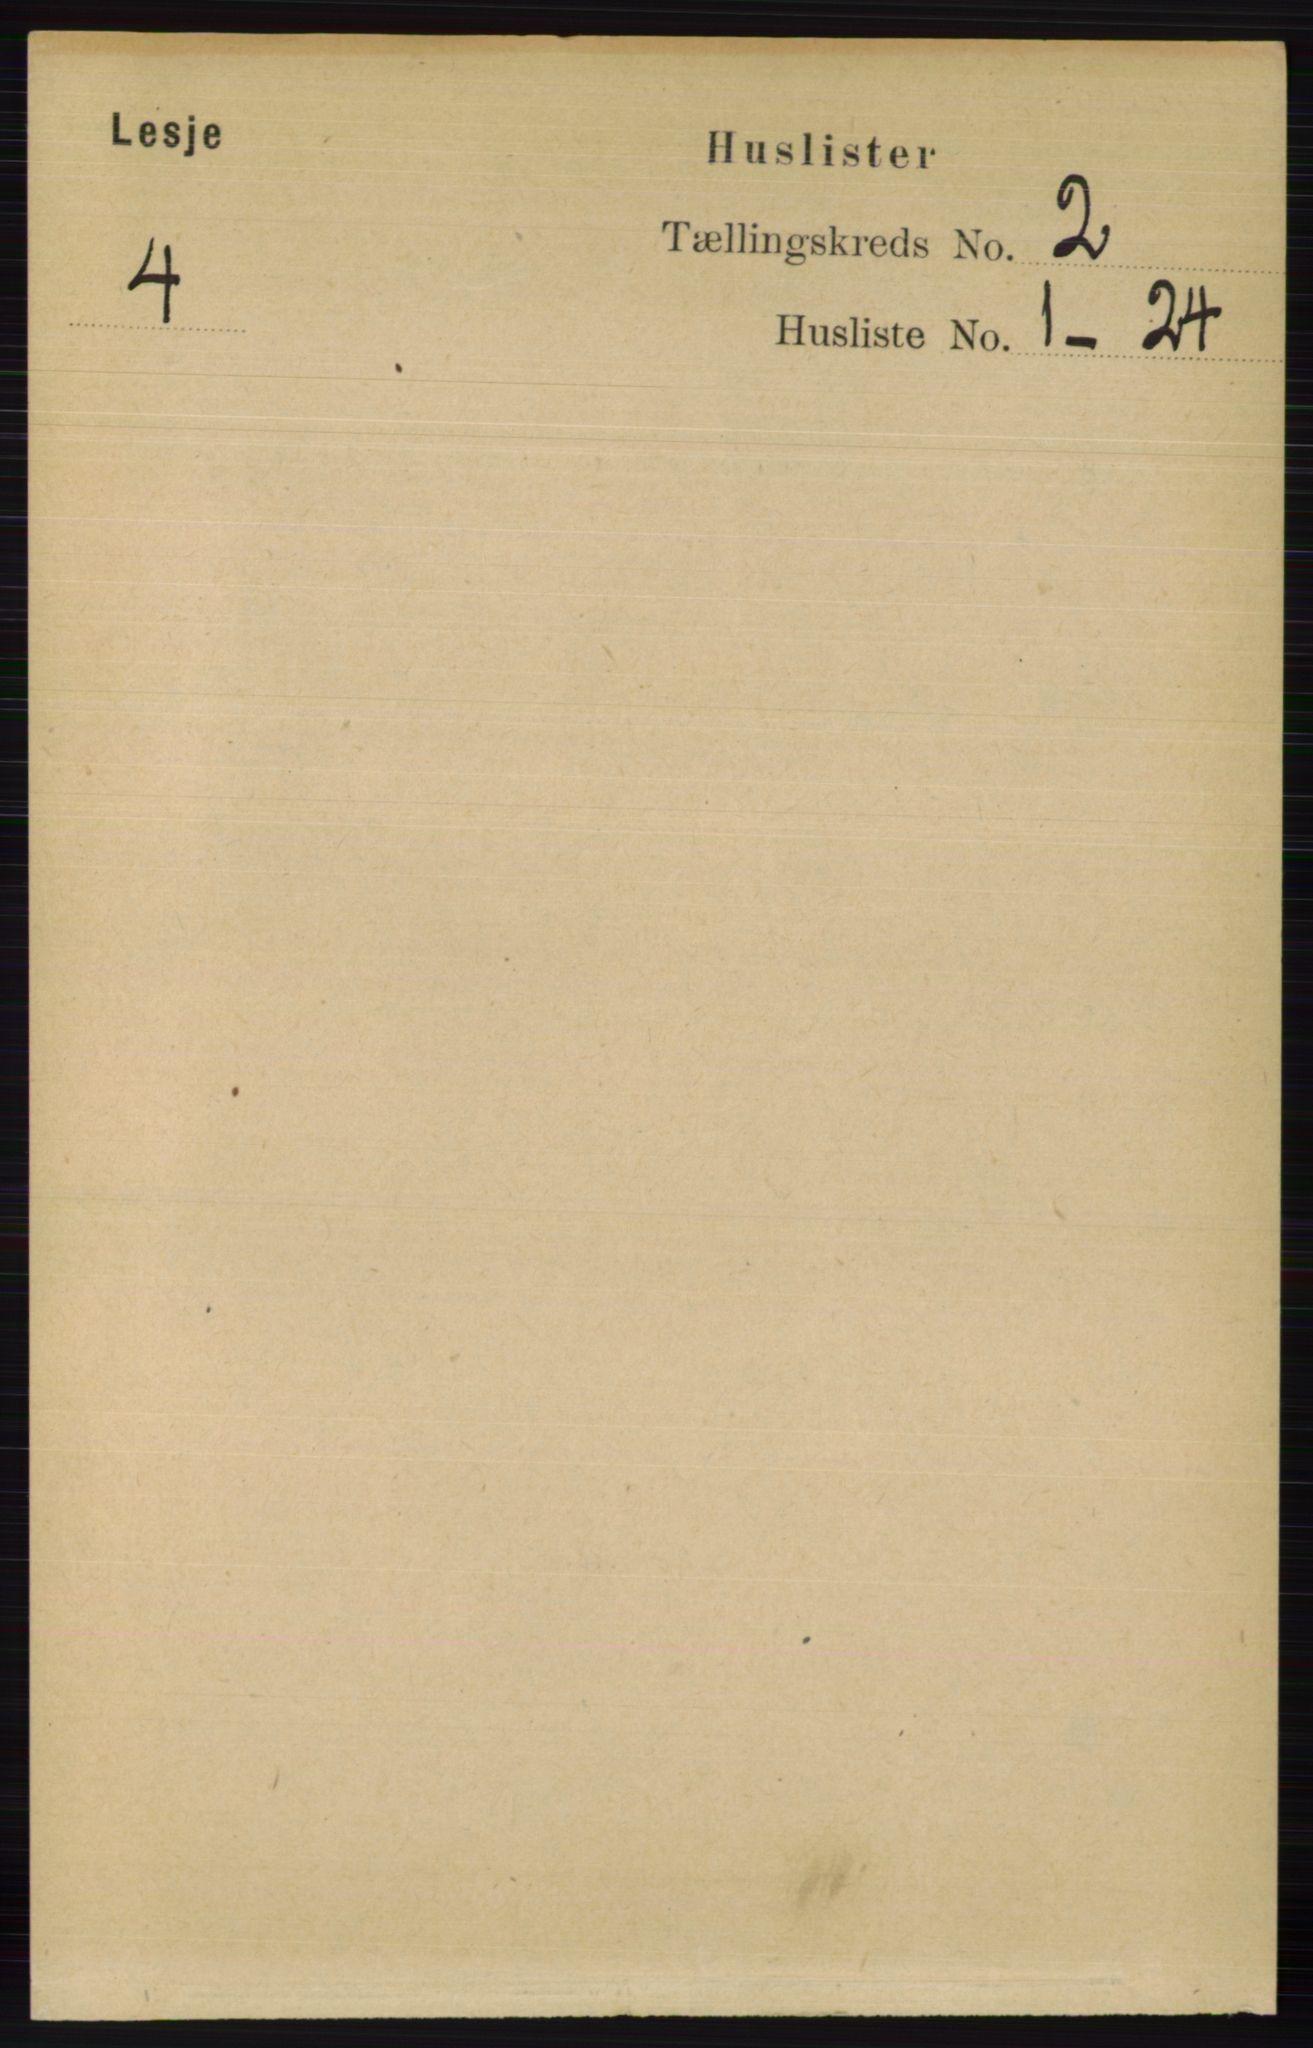 RA, Folketelling 1891 for 0512 Lesja herred, 1891, s. 369